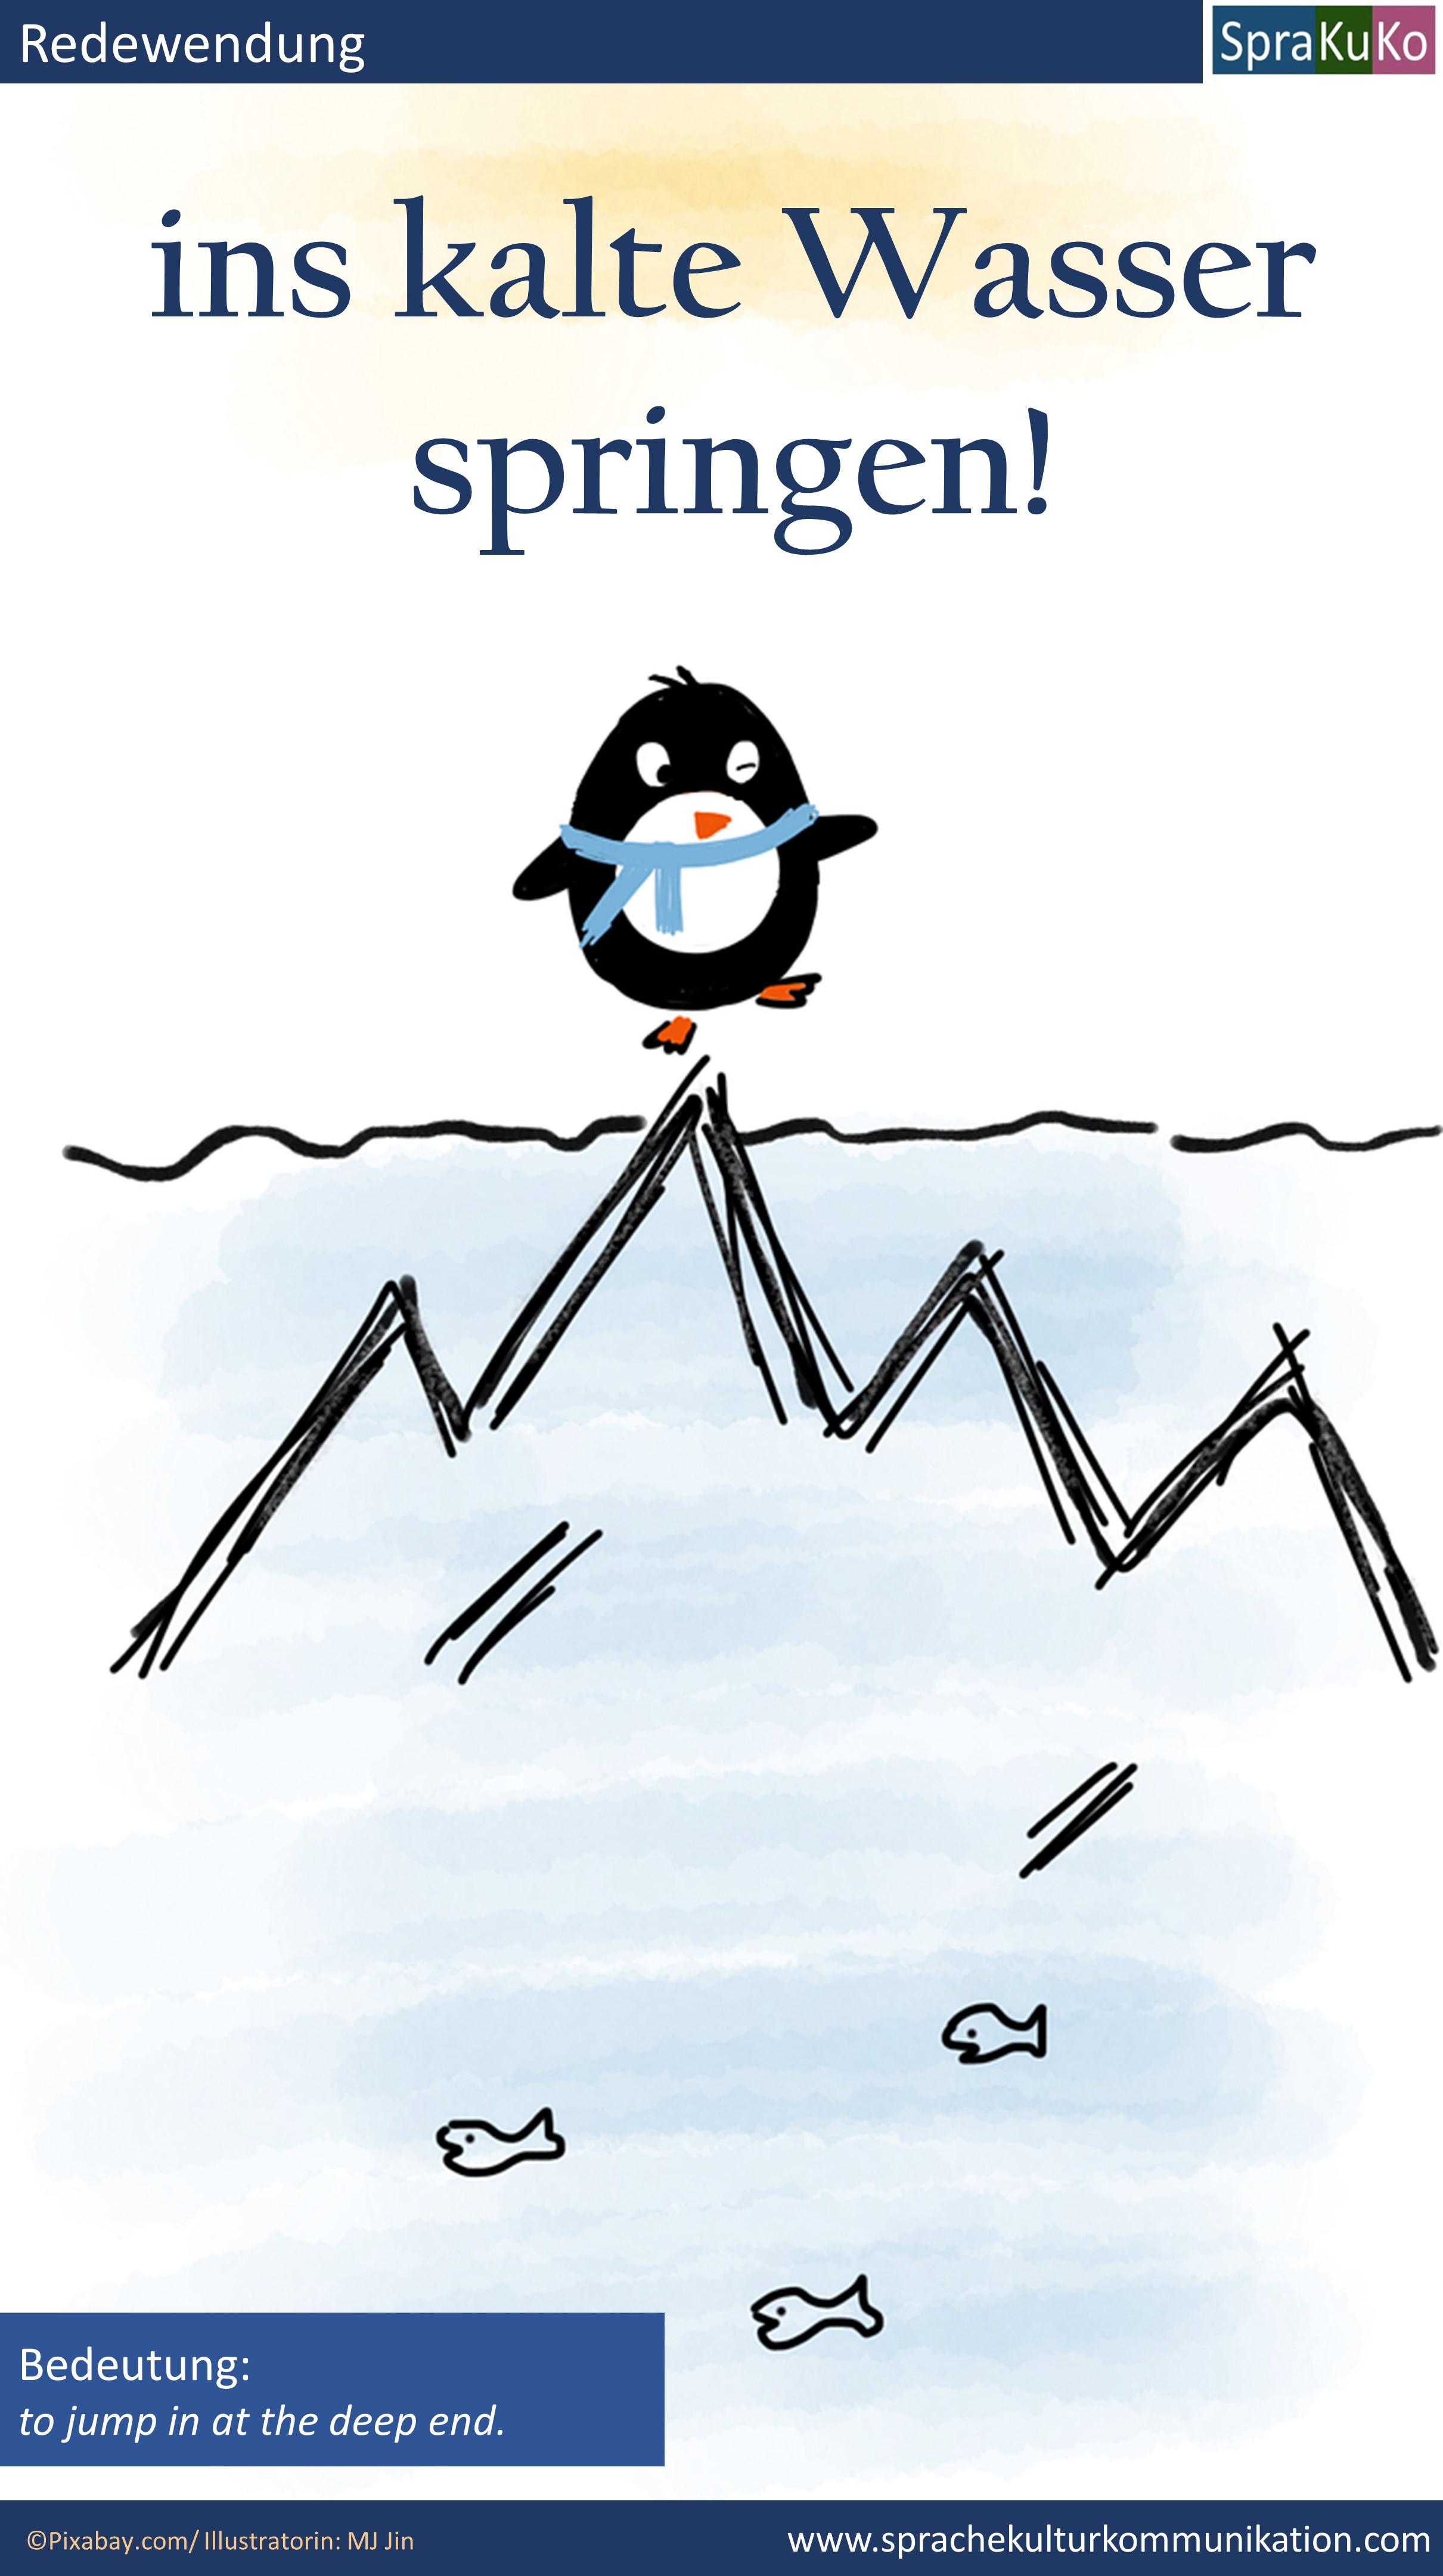 Redewendung Ins kalte Wasser springen.jpg